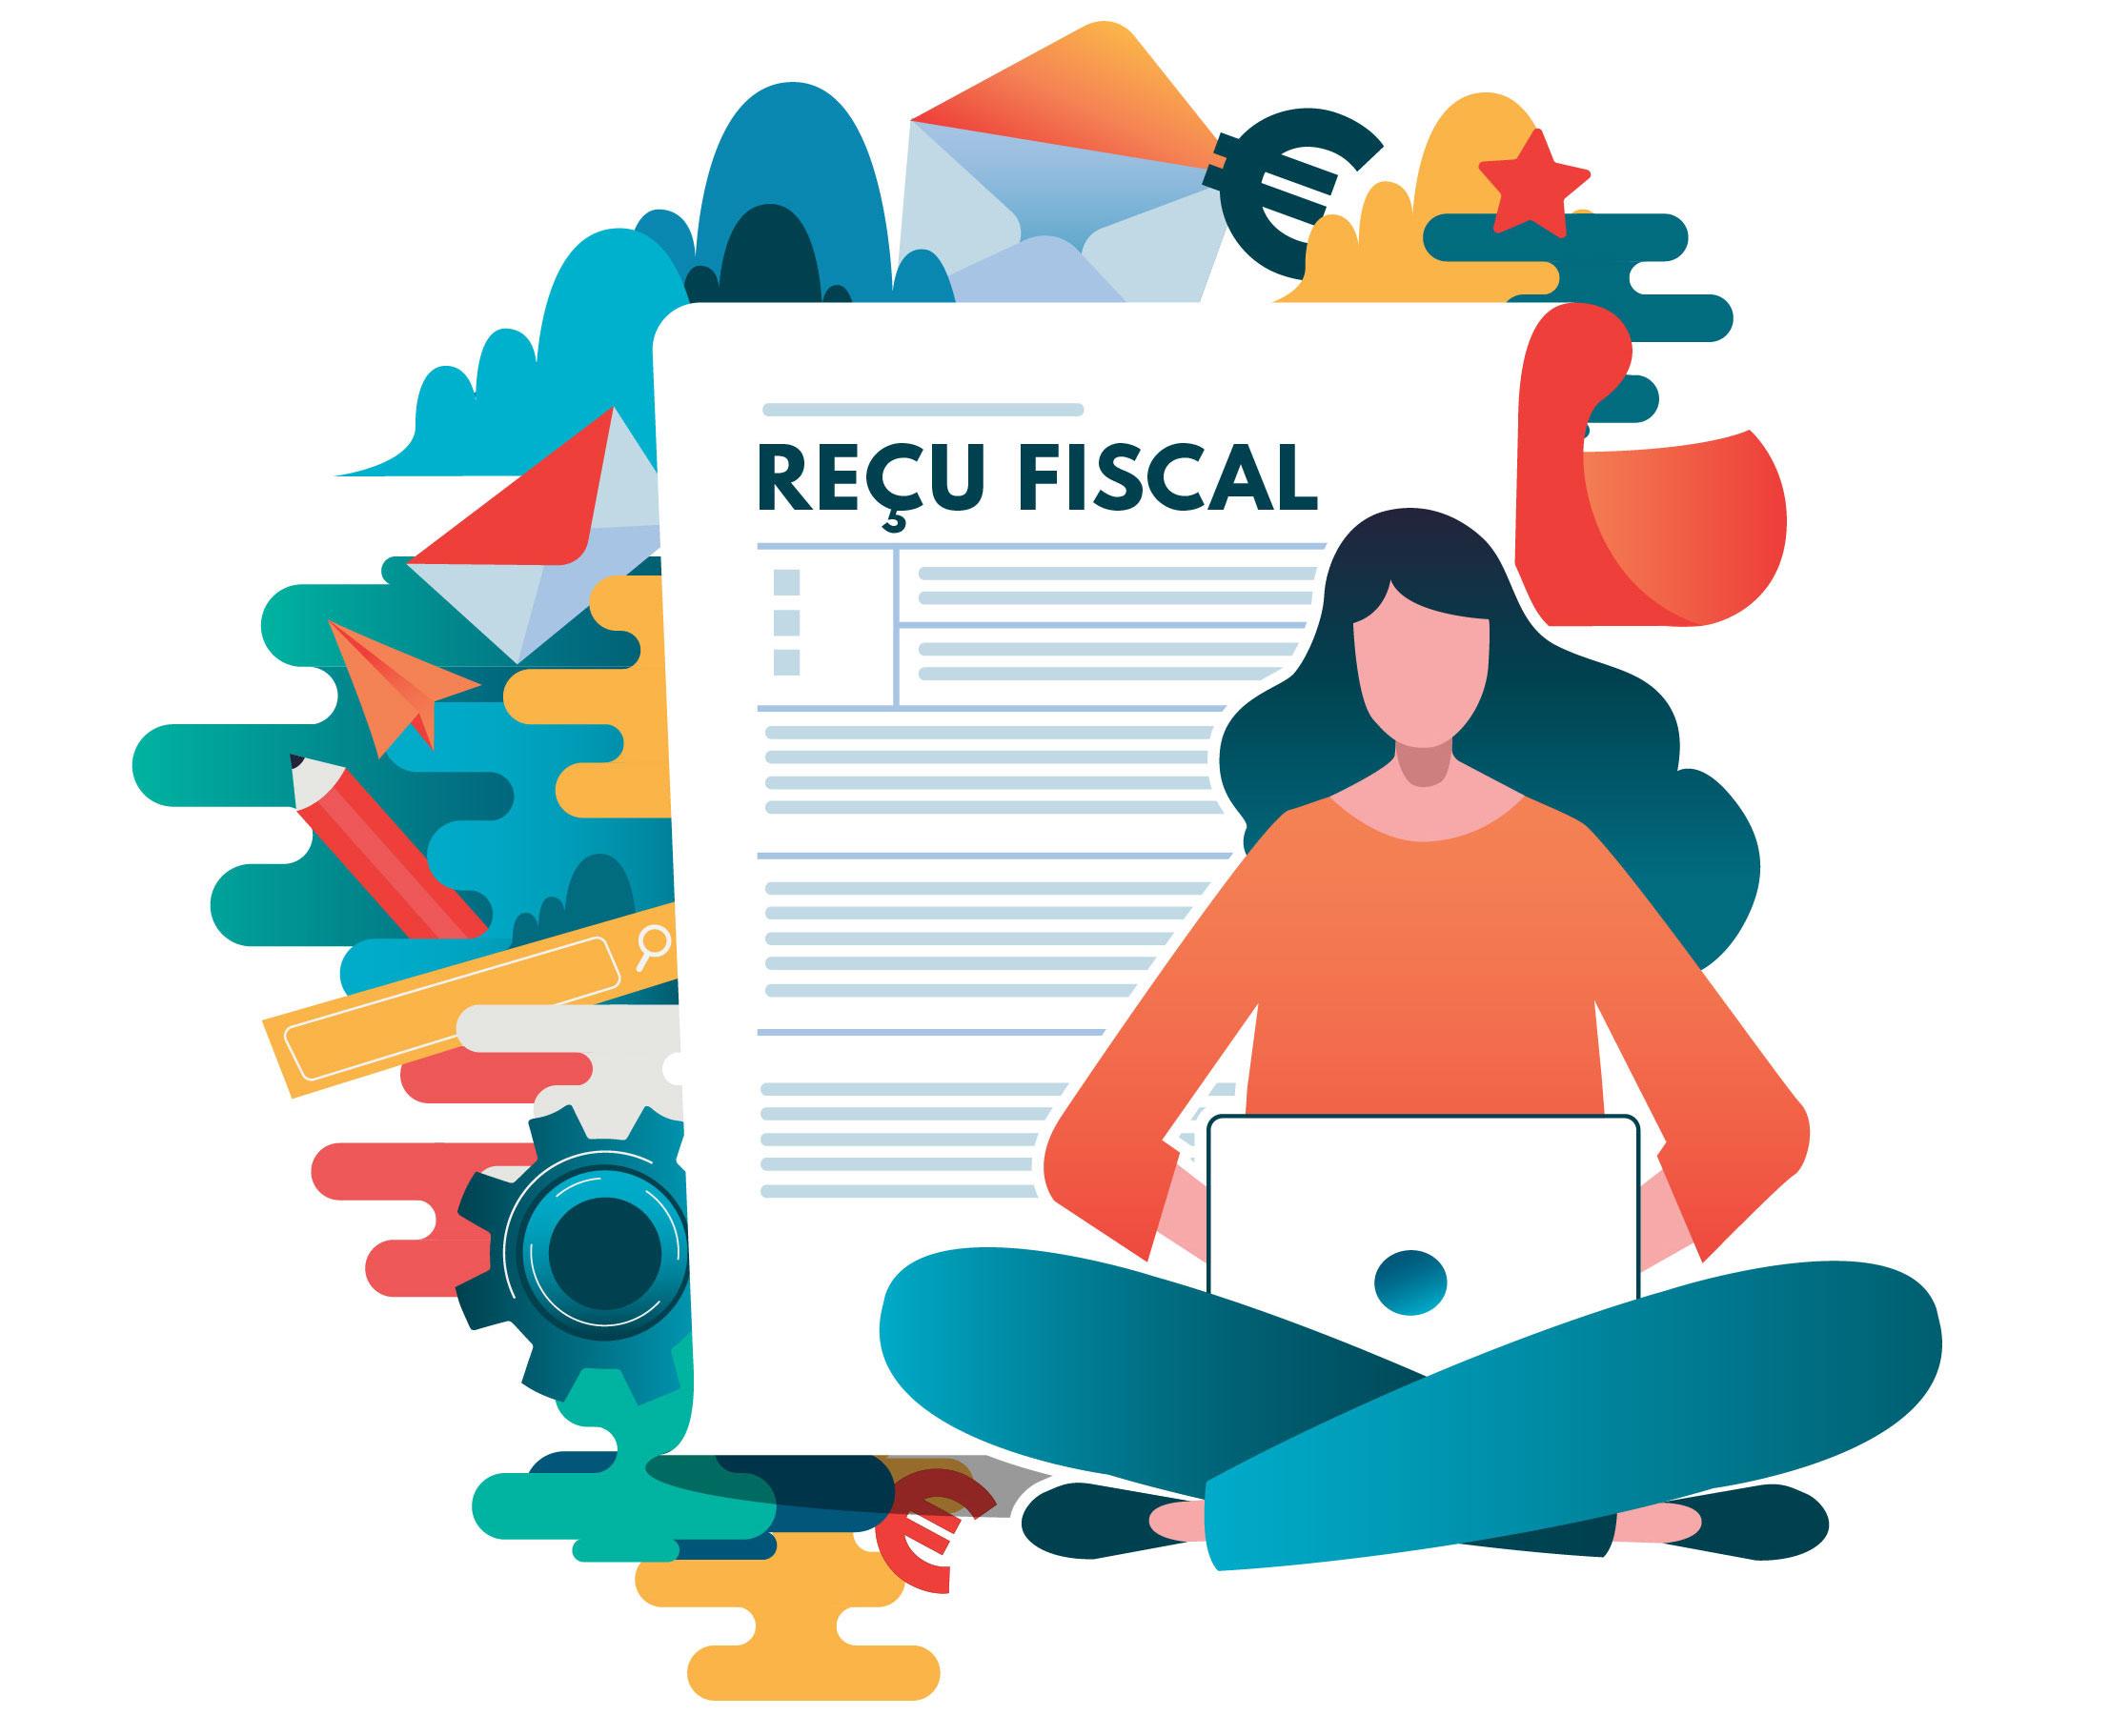 Recu fiscal 2